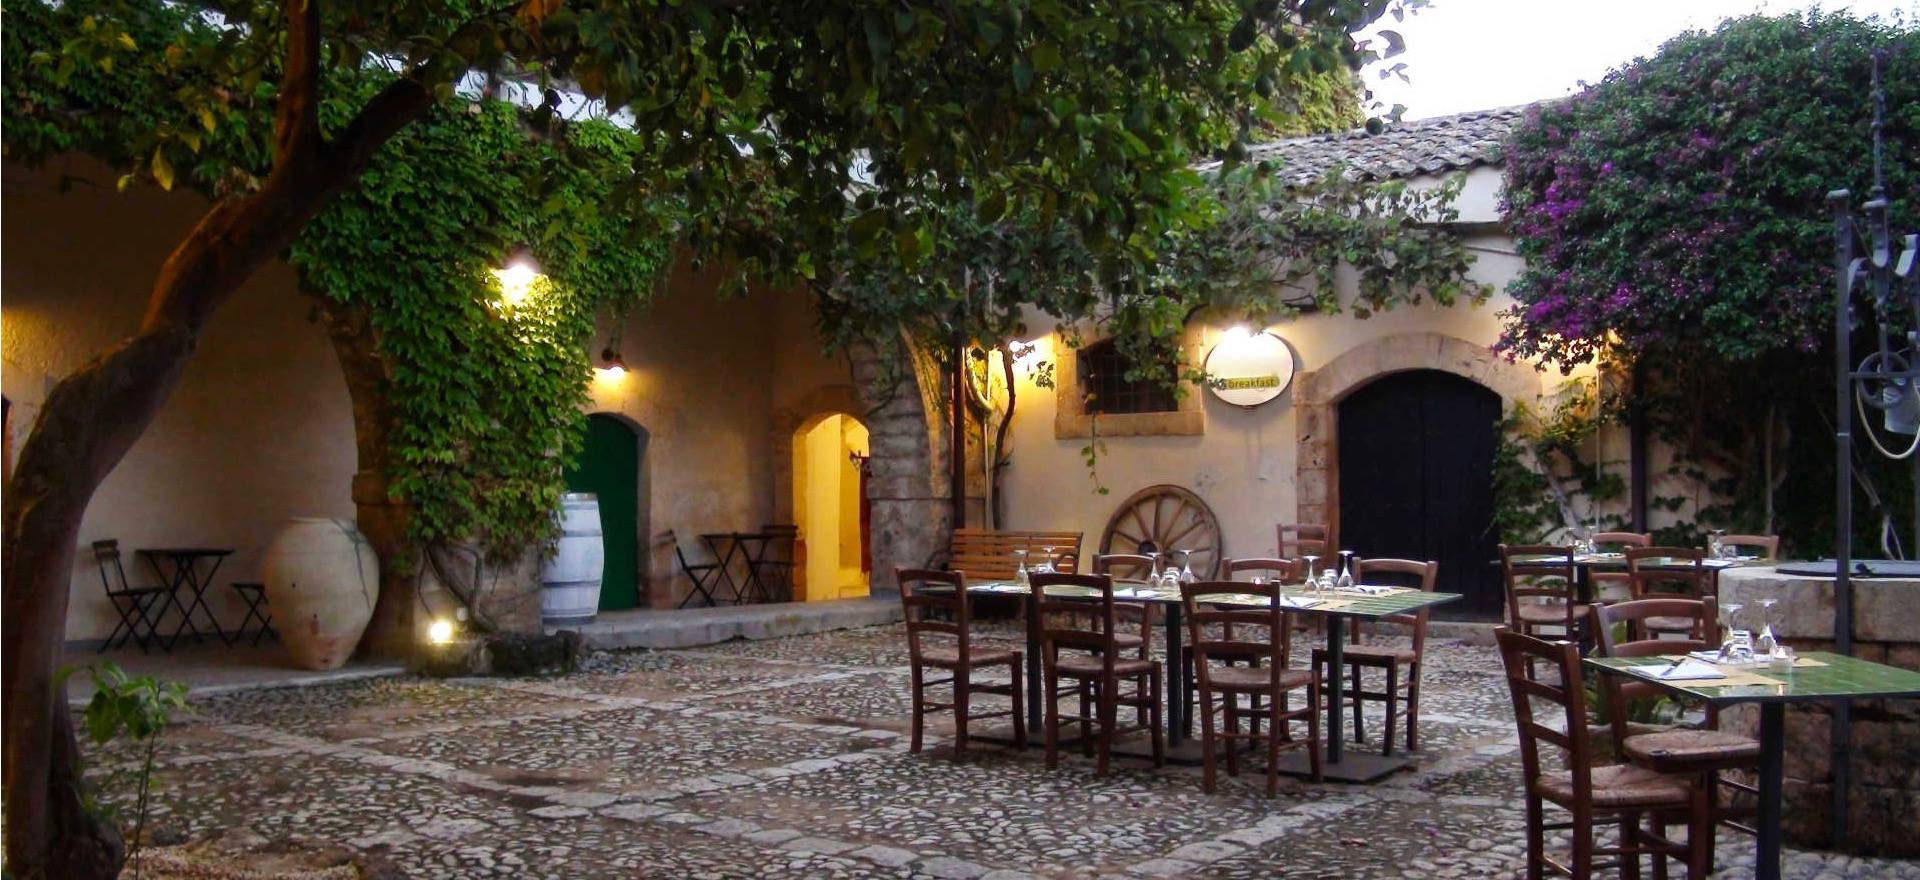 Agriturismo Sicilia autentico agriturismo sul mare con romantico cortile